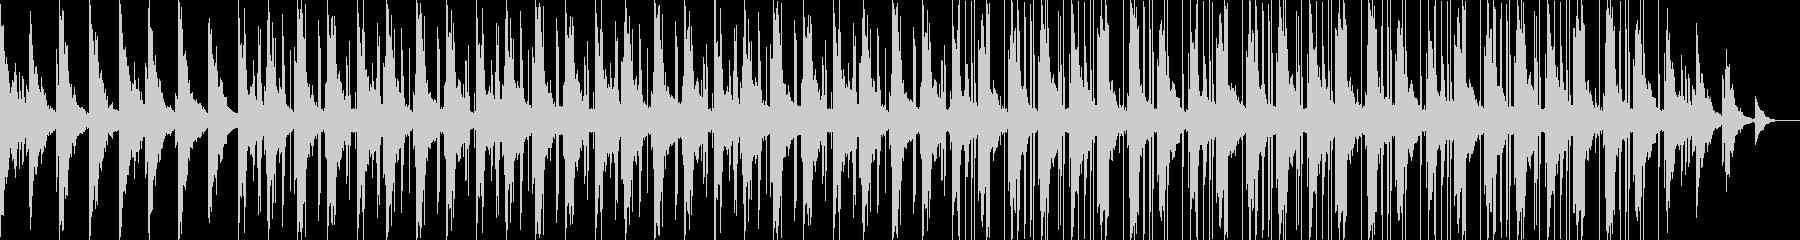 サックスを使用したlofihiphopの未再生の波形